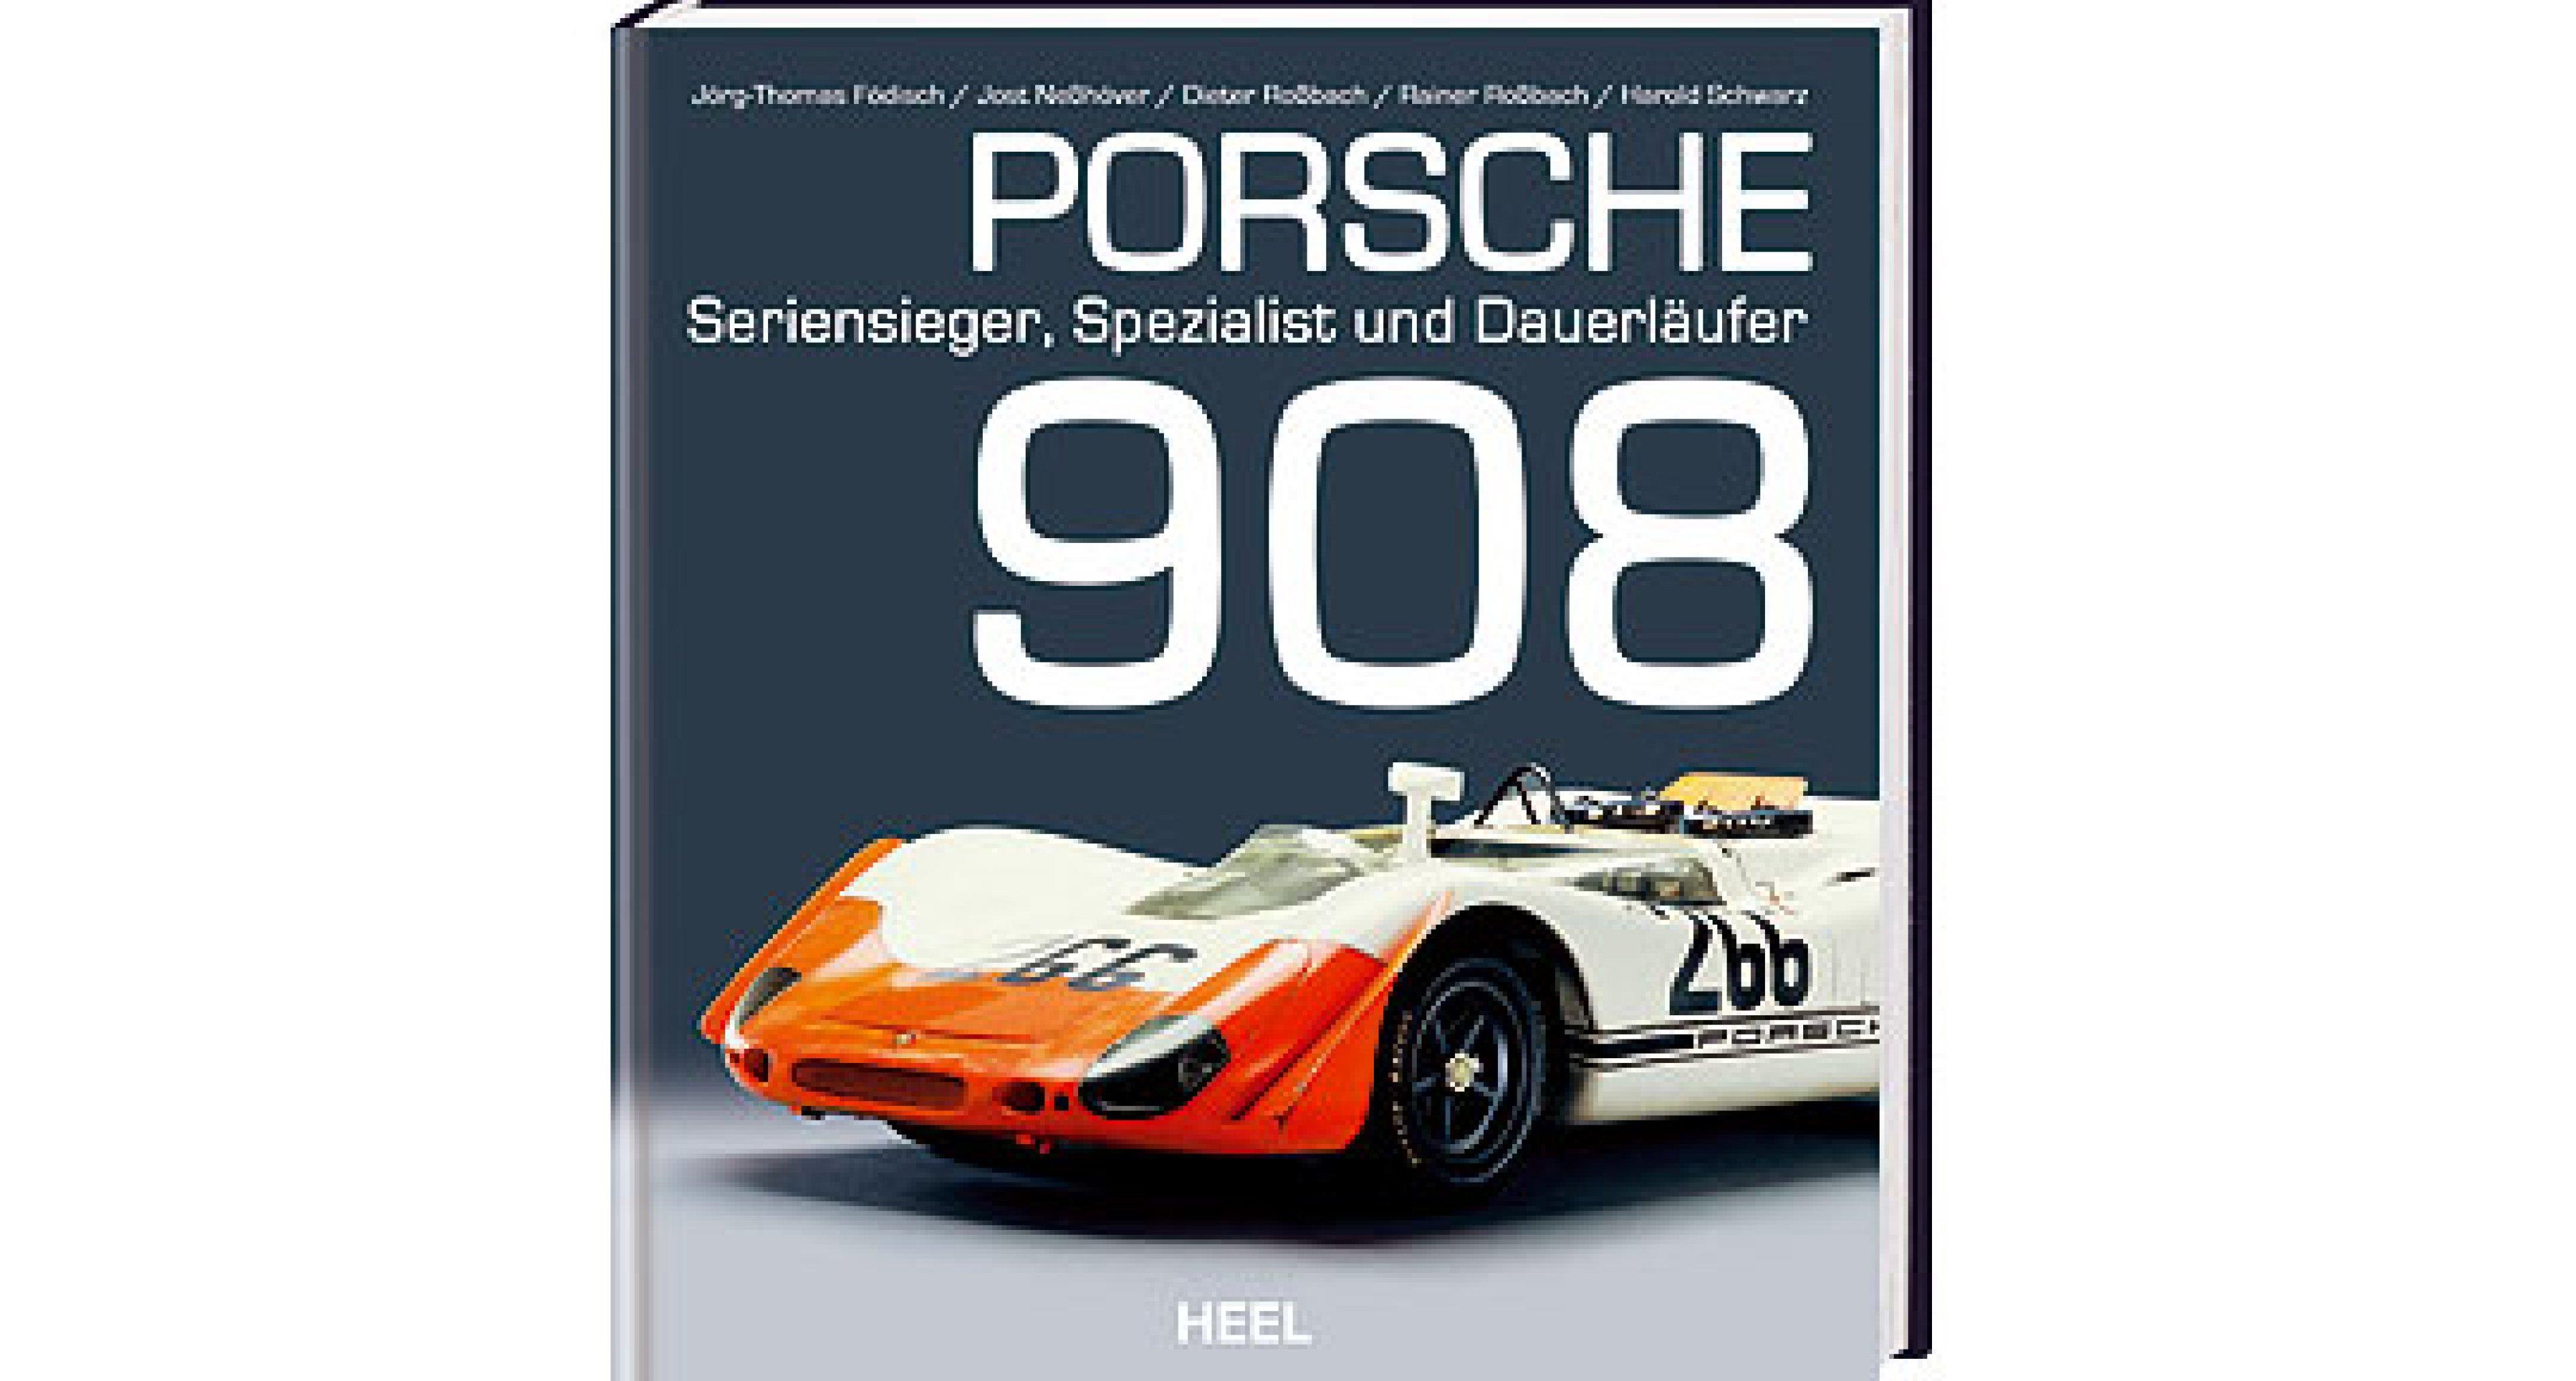 Neues Porsche 908 Buch: Der Dauerläufer